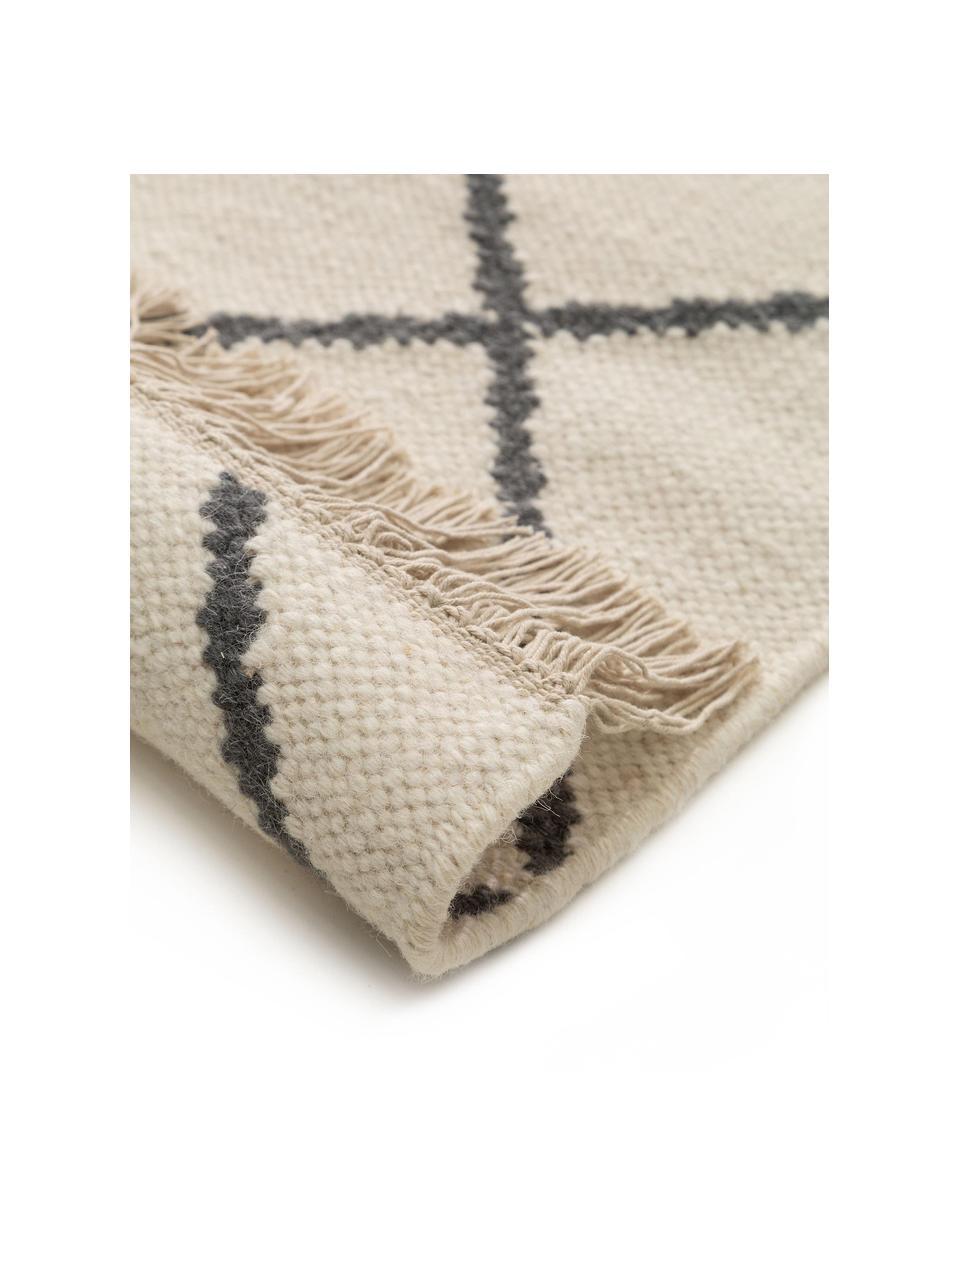 Tappeto kilim tessuto a mano con motivo a rombi e frange Vince, 90% lana, 10% cotone Nel caso dei tappeti di lana, le fibre possono staccarsi nelle prime settimane di utilizzo, questo e la formazione di lanugine si riducono con l'uso quotidiano, Color avorio, grigio scuro, Larg. 200 x Lung. 300 cm (taglia L)